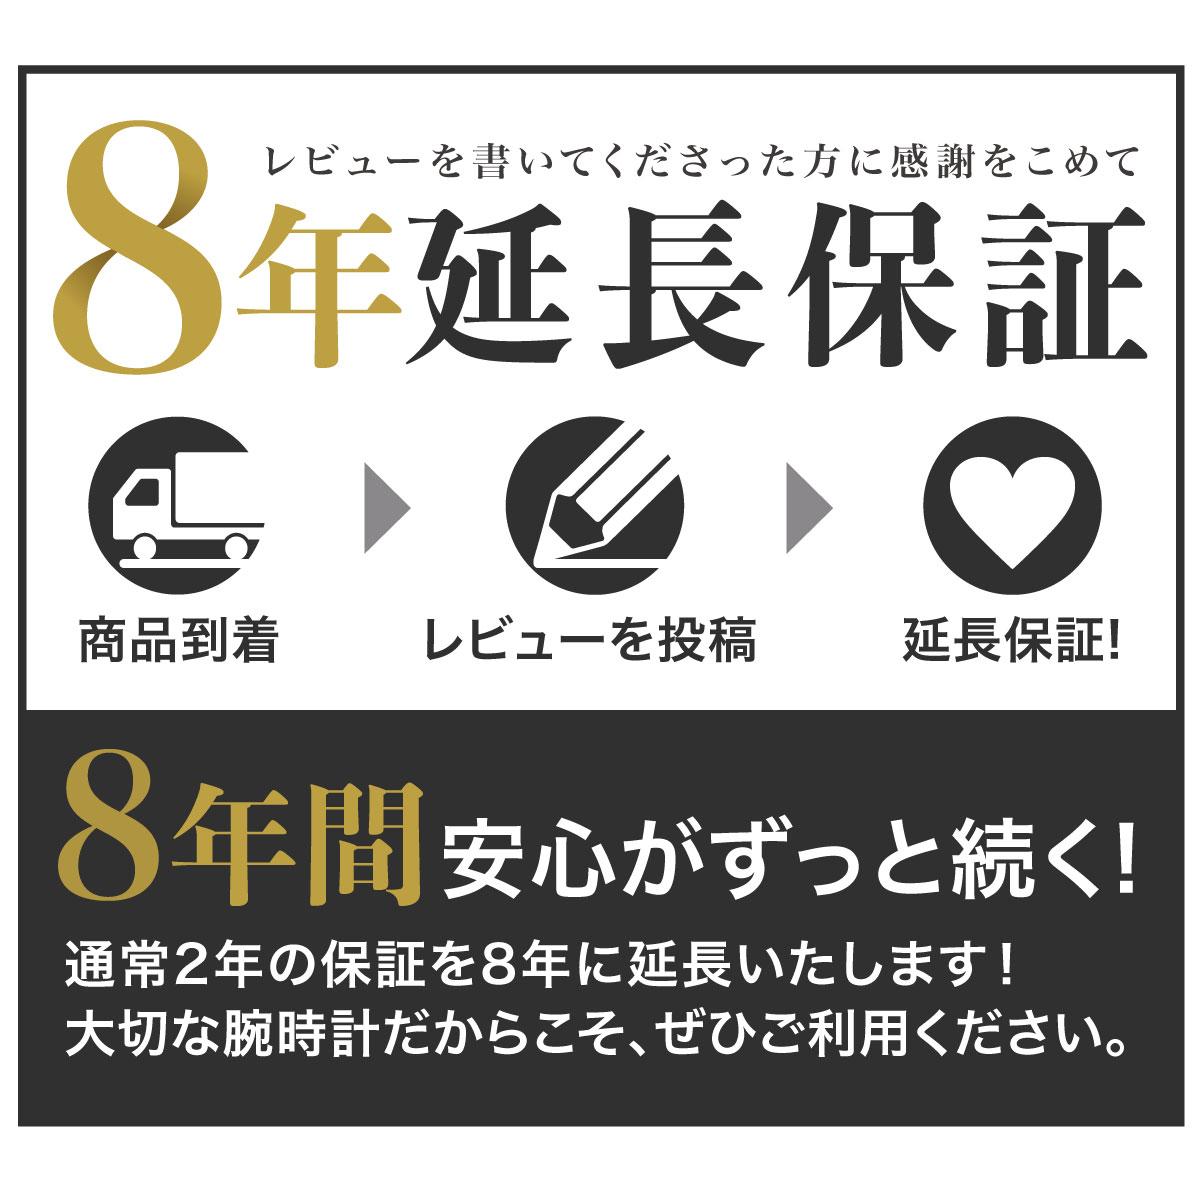 オメガOMEGA腕時計コンステレーションブラッシュダイヤレディース123.20.24.60.55.002_8